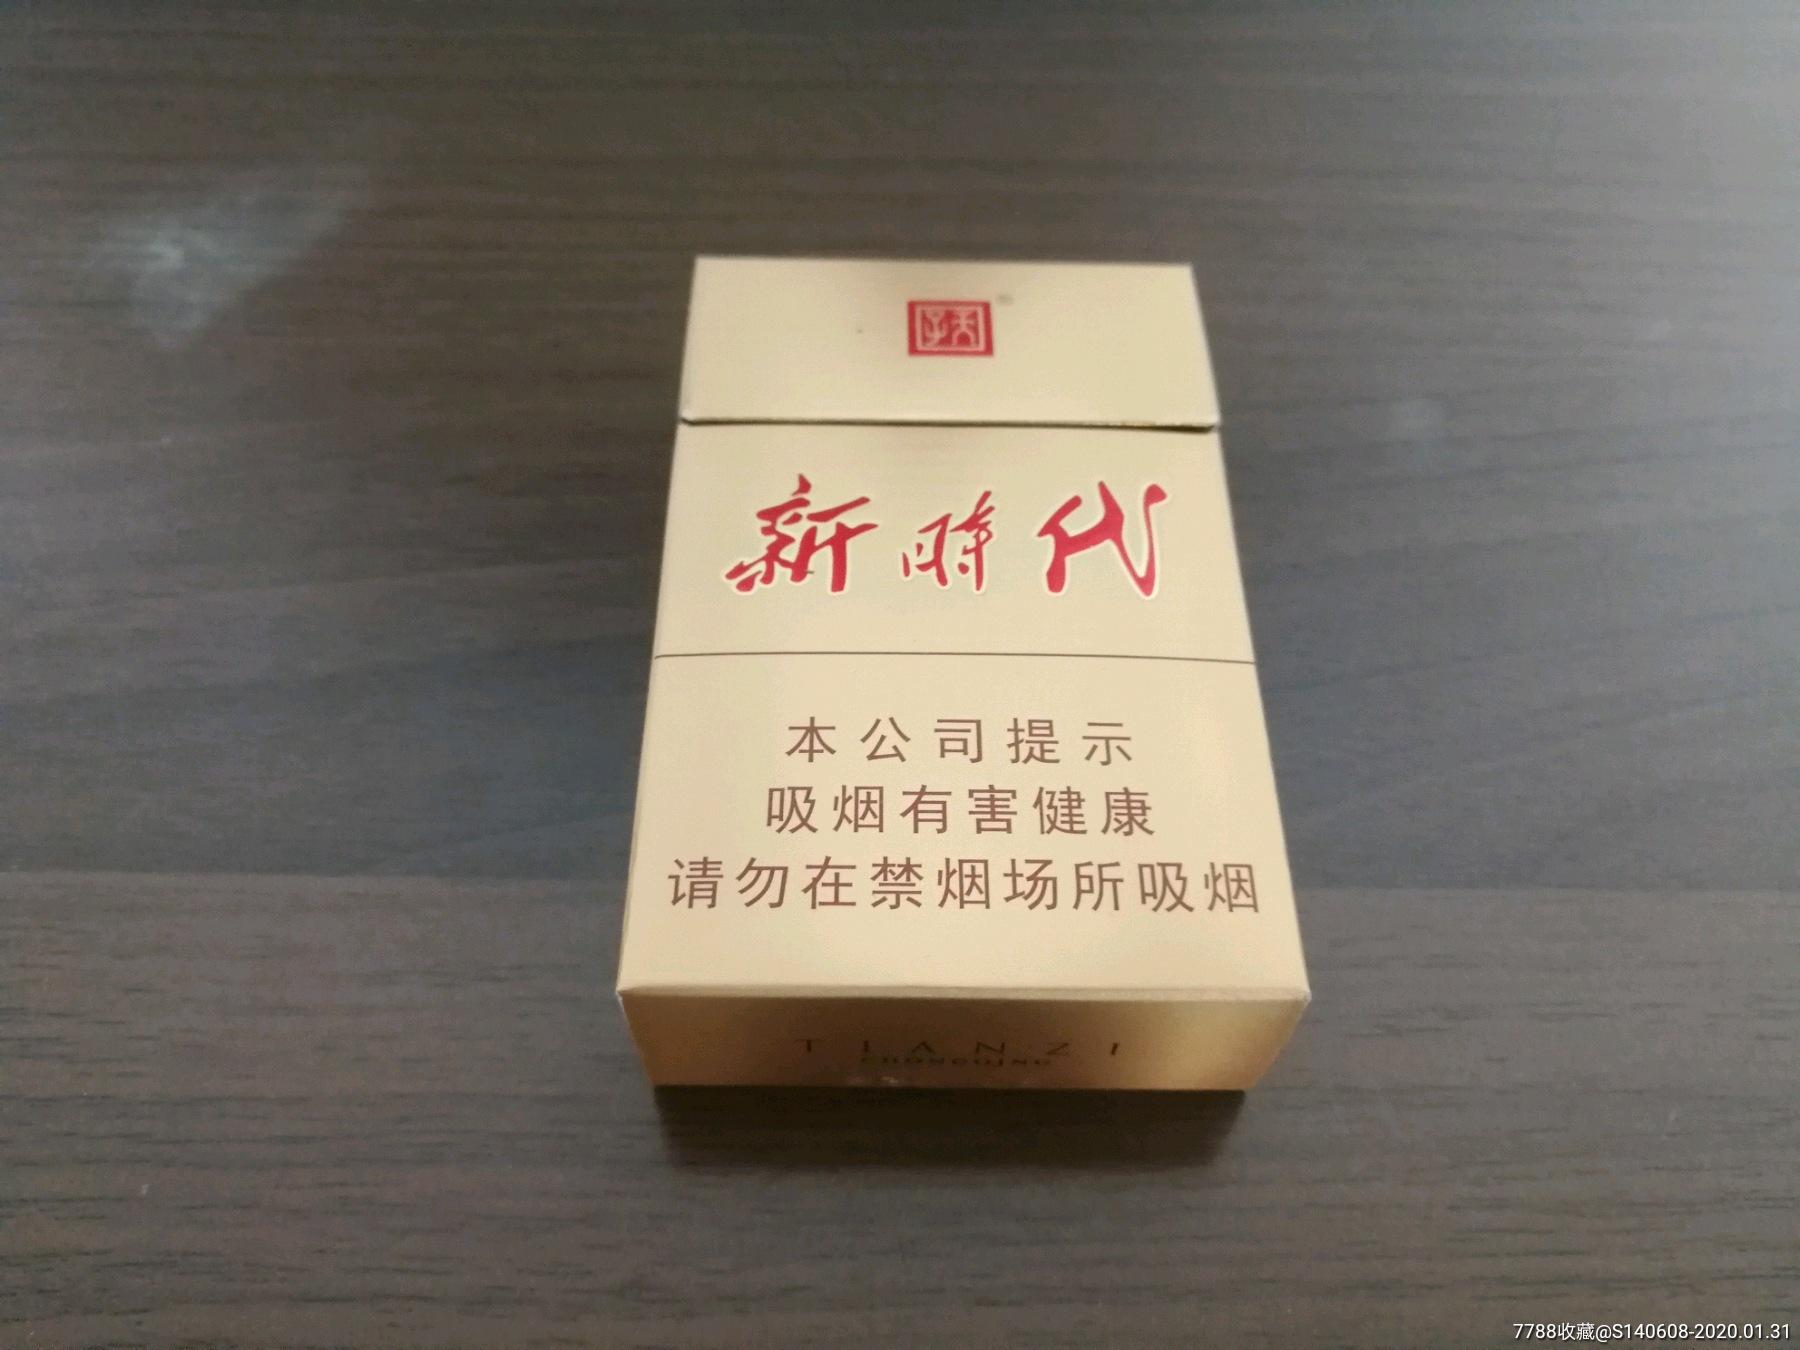 天子新�r代【非�u品】3D(au22198937)_